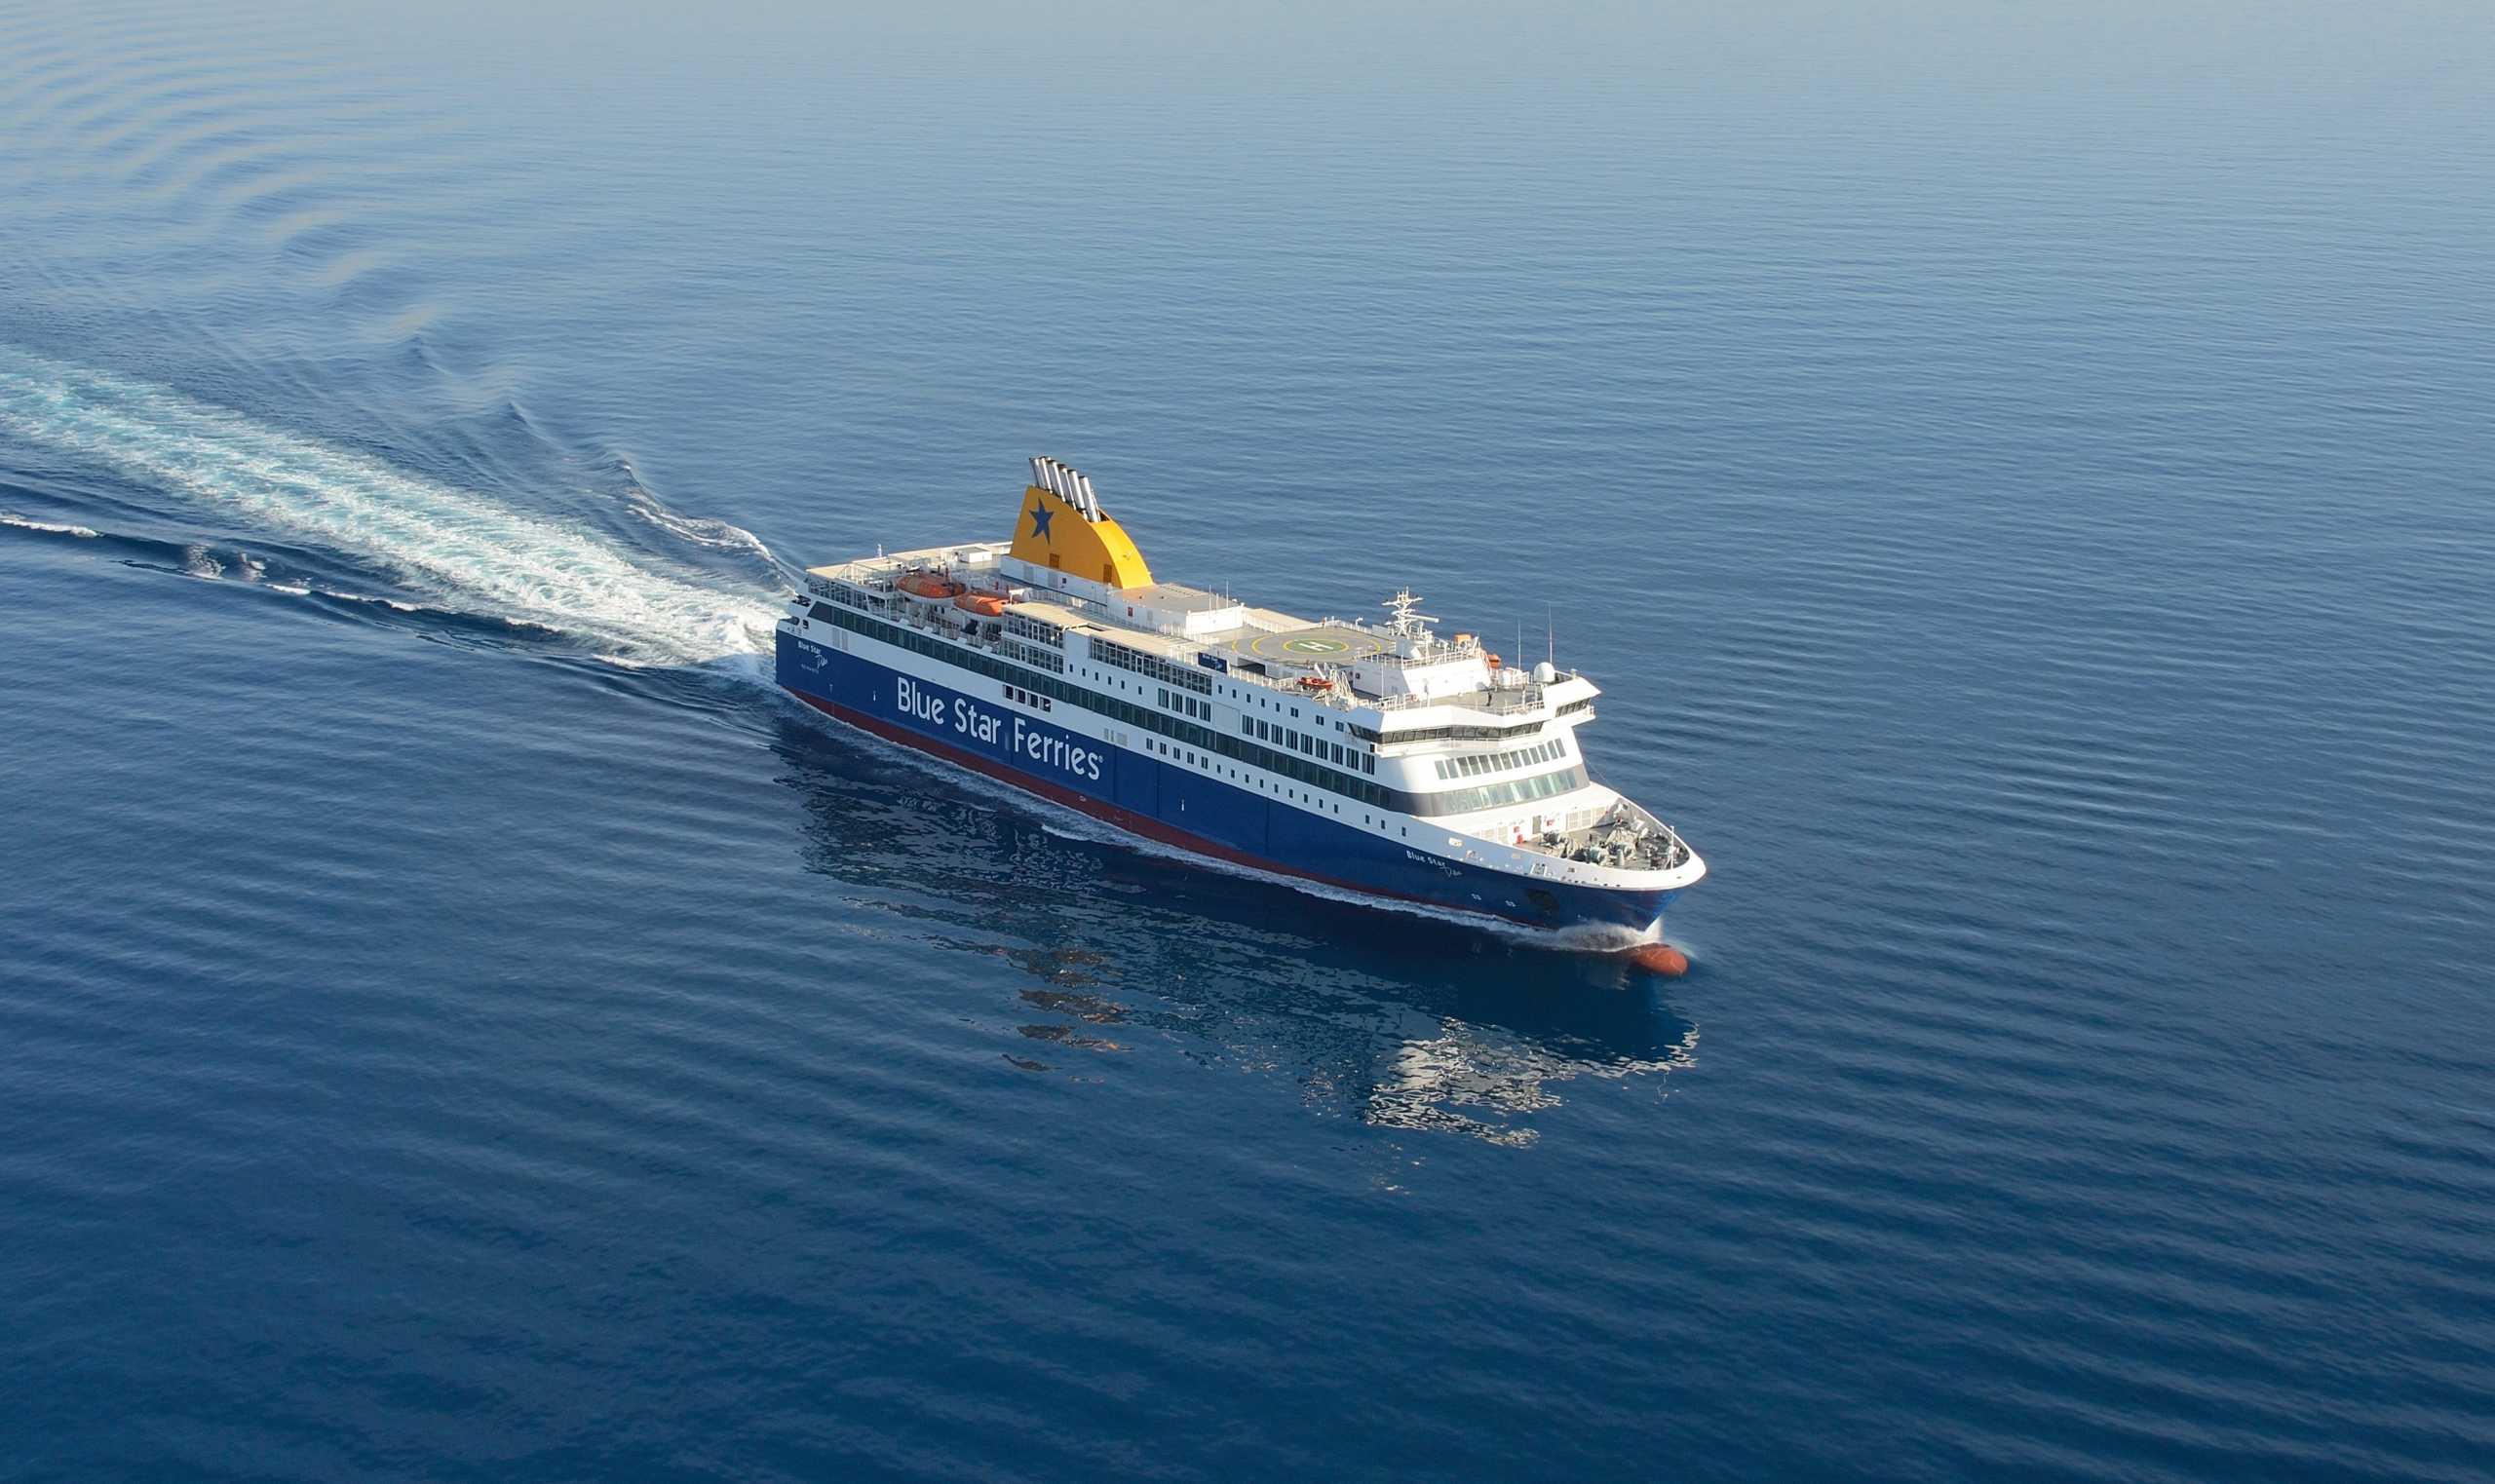 Κορονοϊός: Ρεσιτάλ ανευθυνότητας από 24χρονη! Πήρε το πλοίο για Σαντορίνη ενώ ήξερε πως είχε νοσήσει